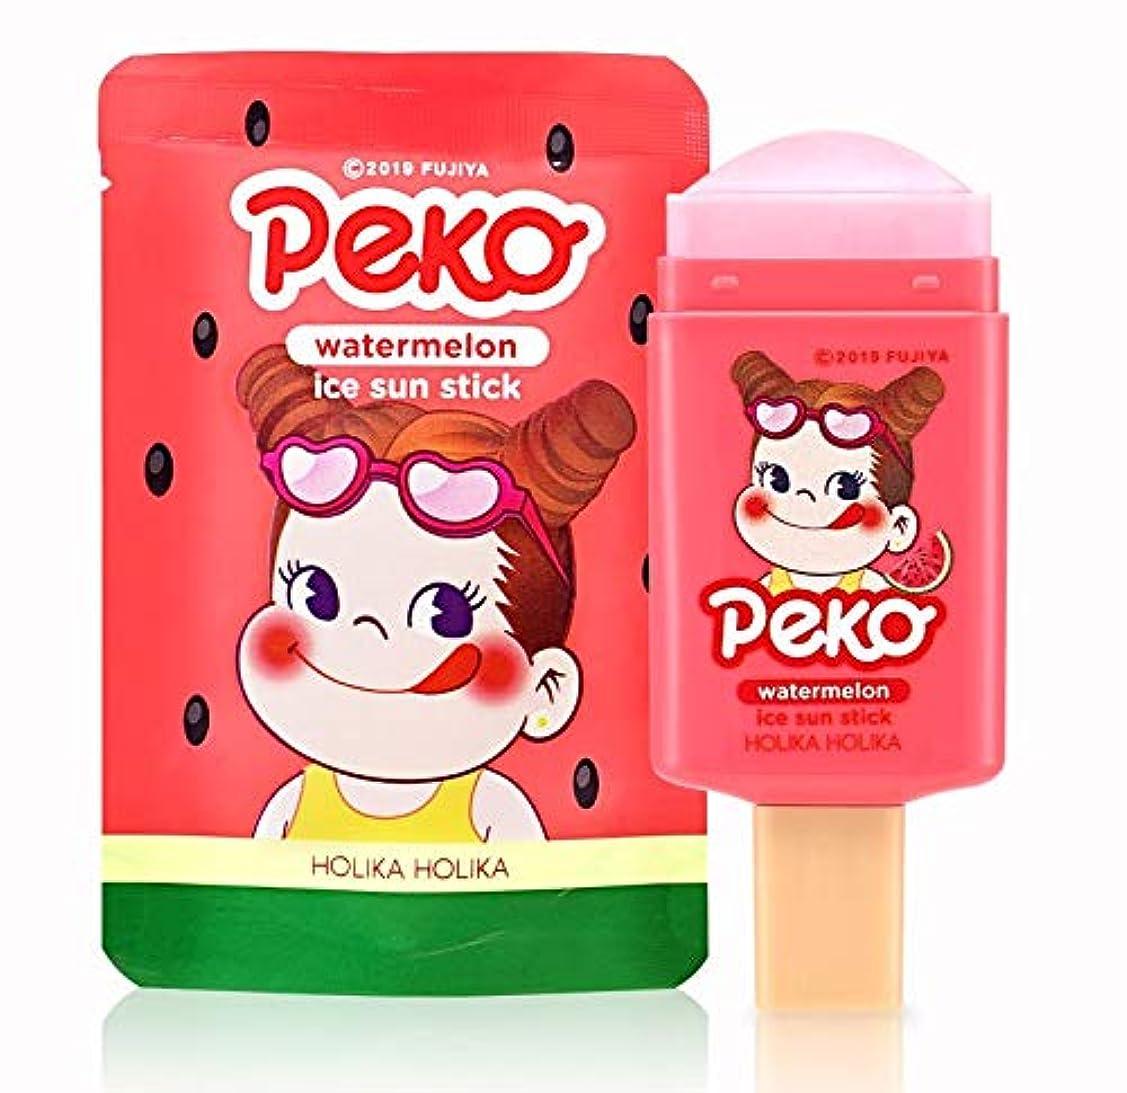 ラケット植物学海岸ホリカホリカ [スイートペコエディション] スイカ アイス サン スティック 14g / Holika Holika [Sweet Peko Edition] Watermellon Ice Sun Stick SPF50...